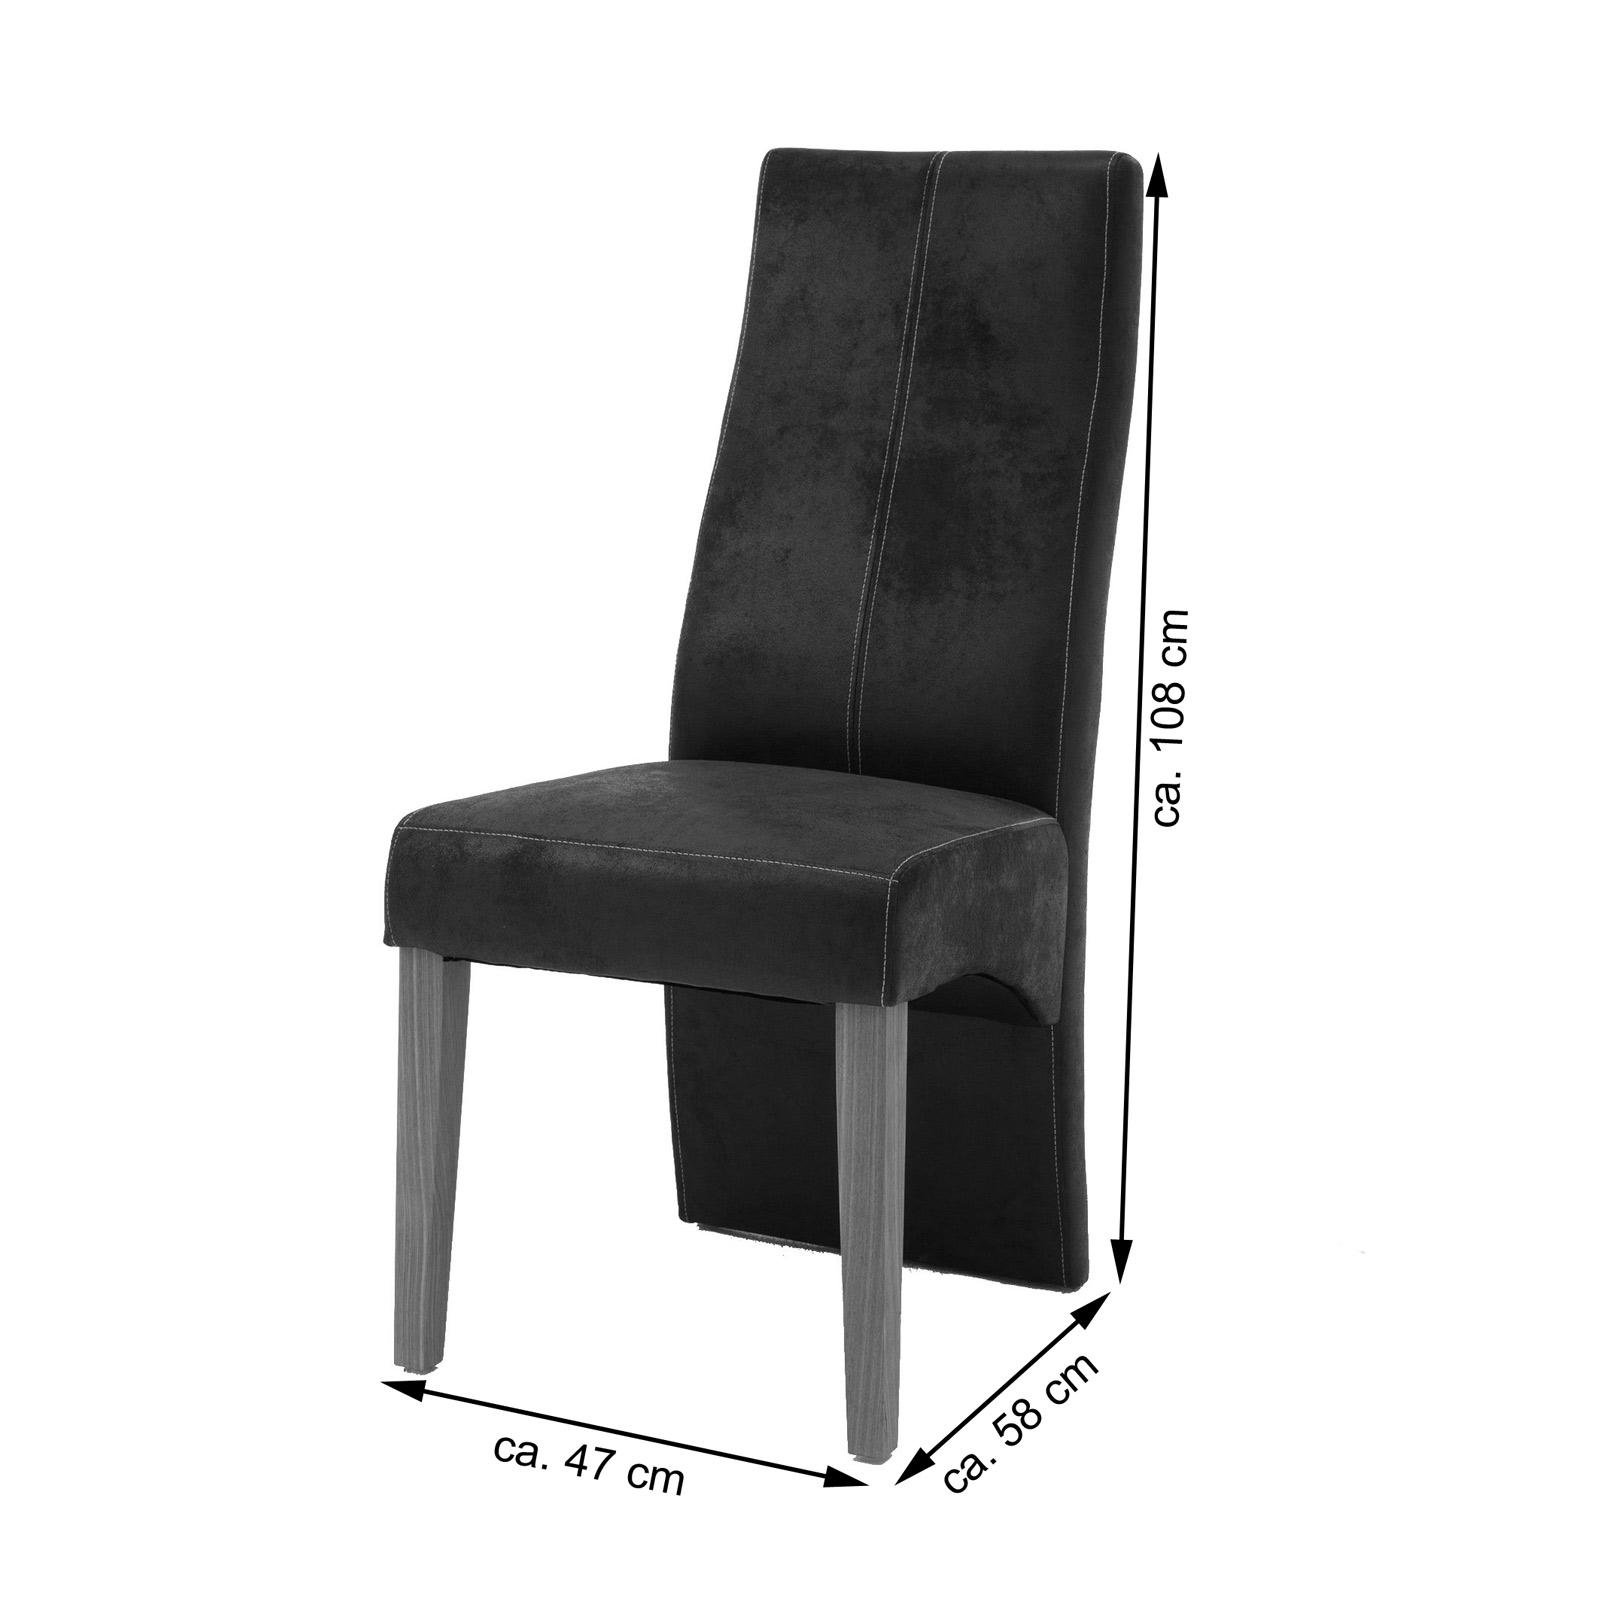 sam esszimmerstuhl braun mit stoffbezug in wildlederoptik 4789 30. Black Bedroom Furniture Sets. Home Design Ideas